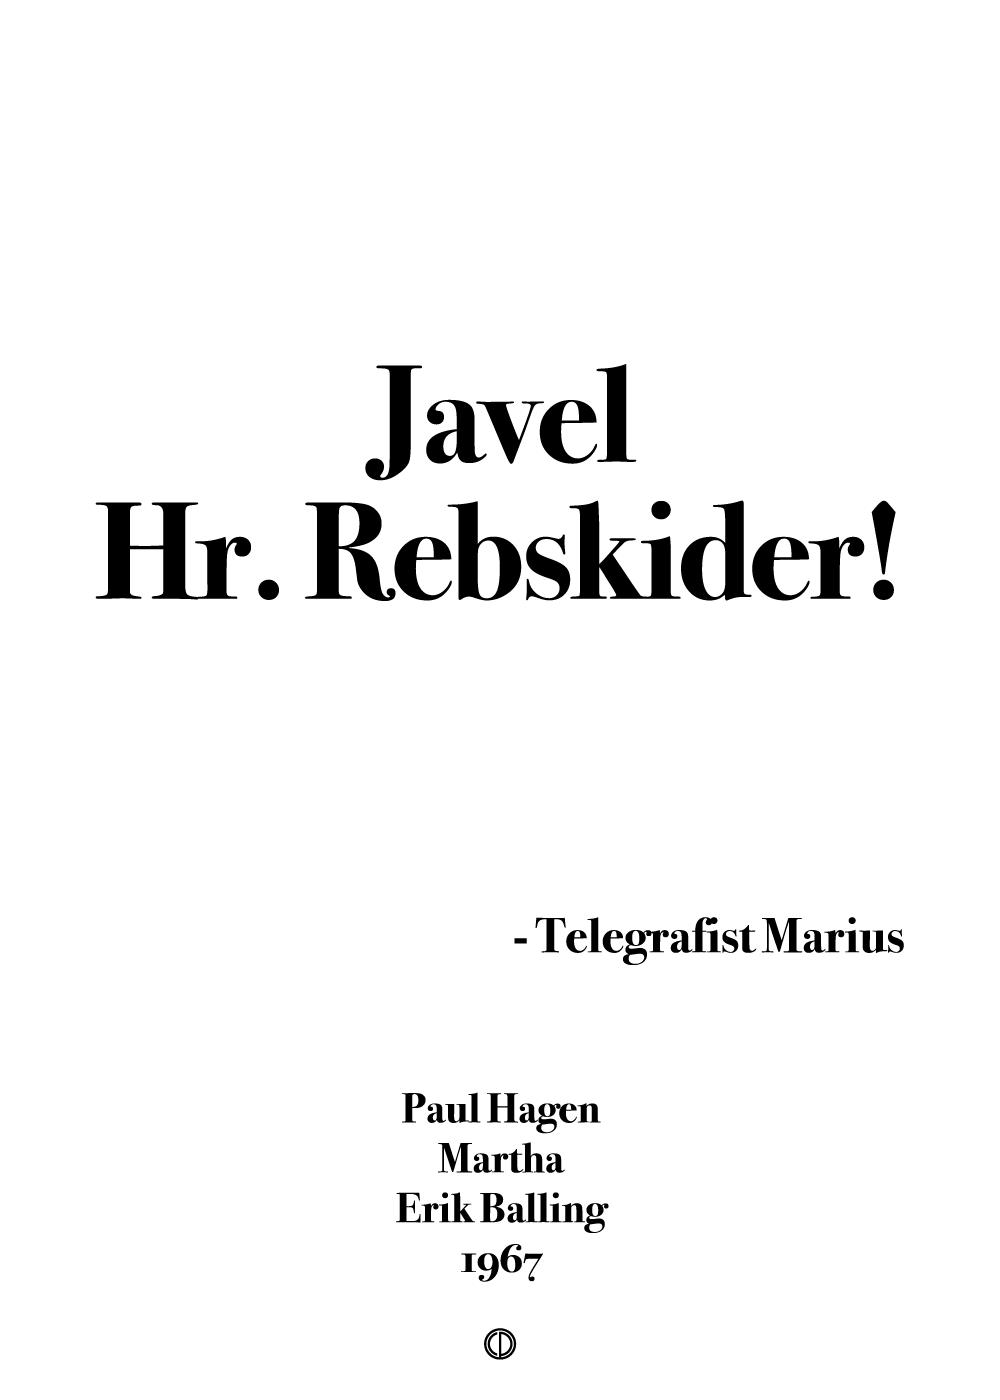 Køb Martha simpel plakat – Hr. Rebskider